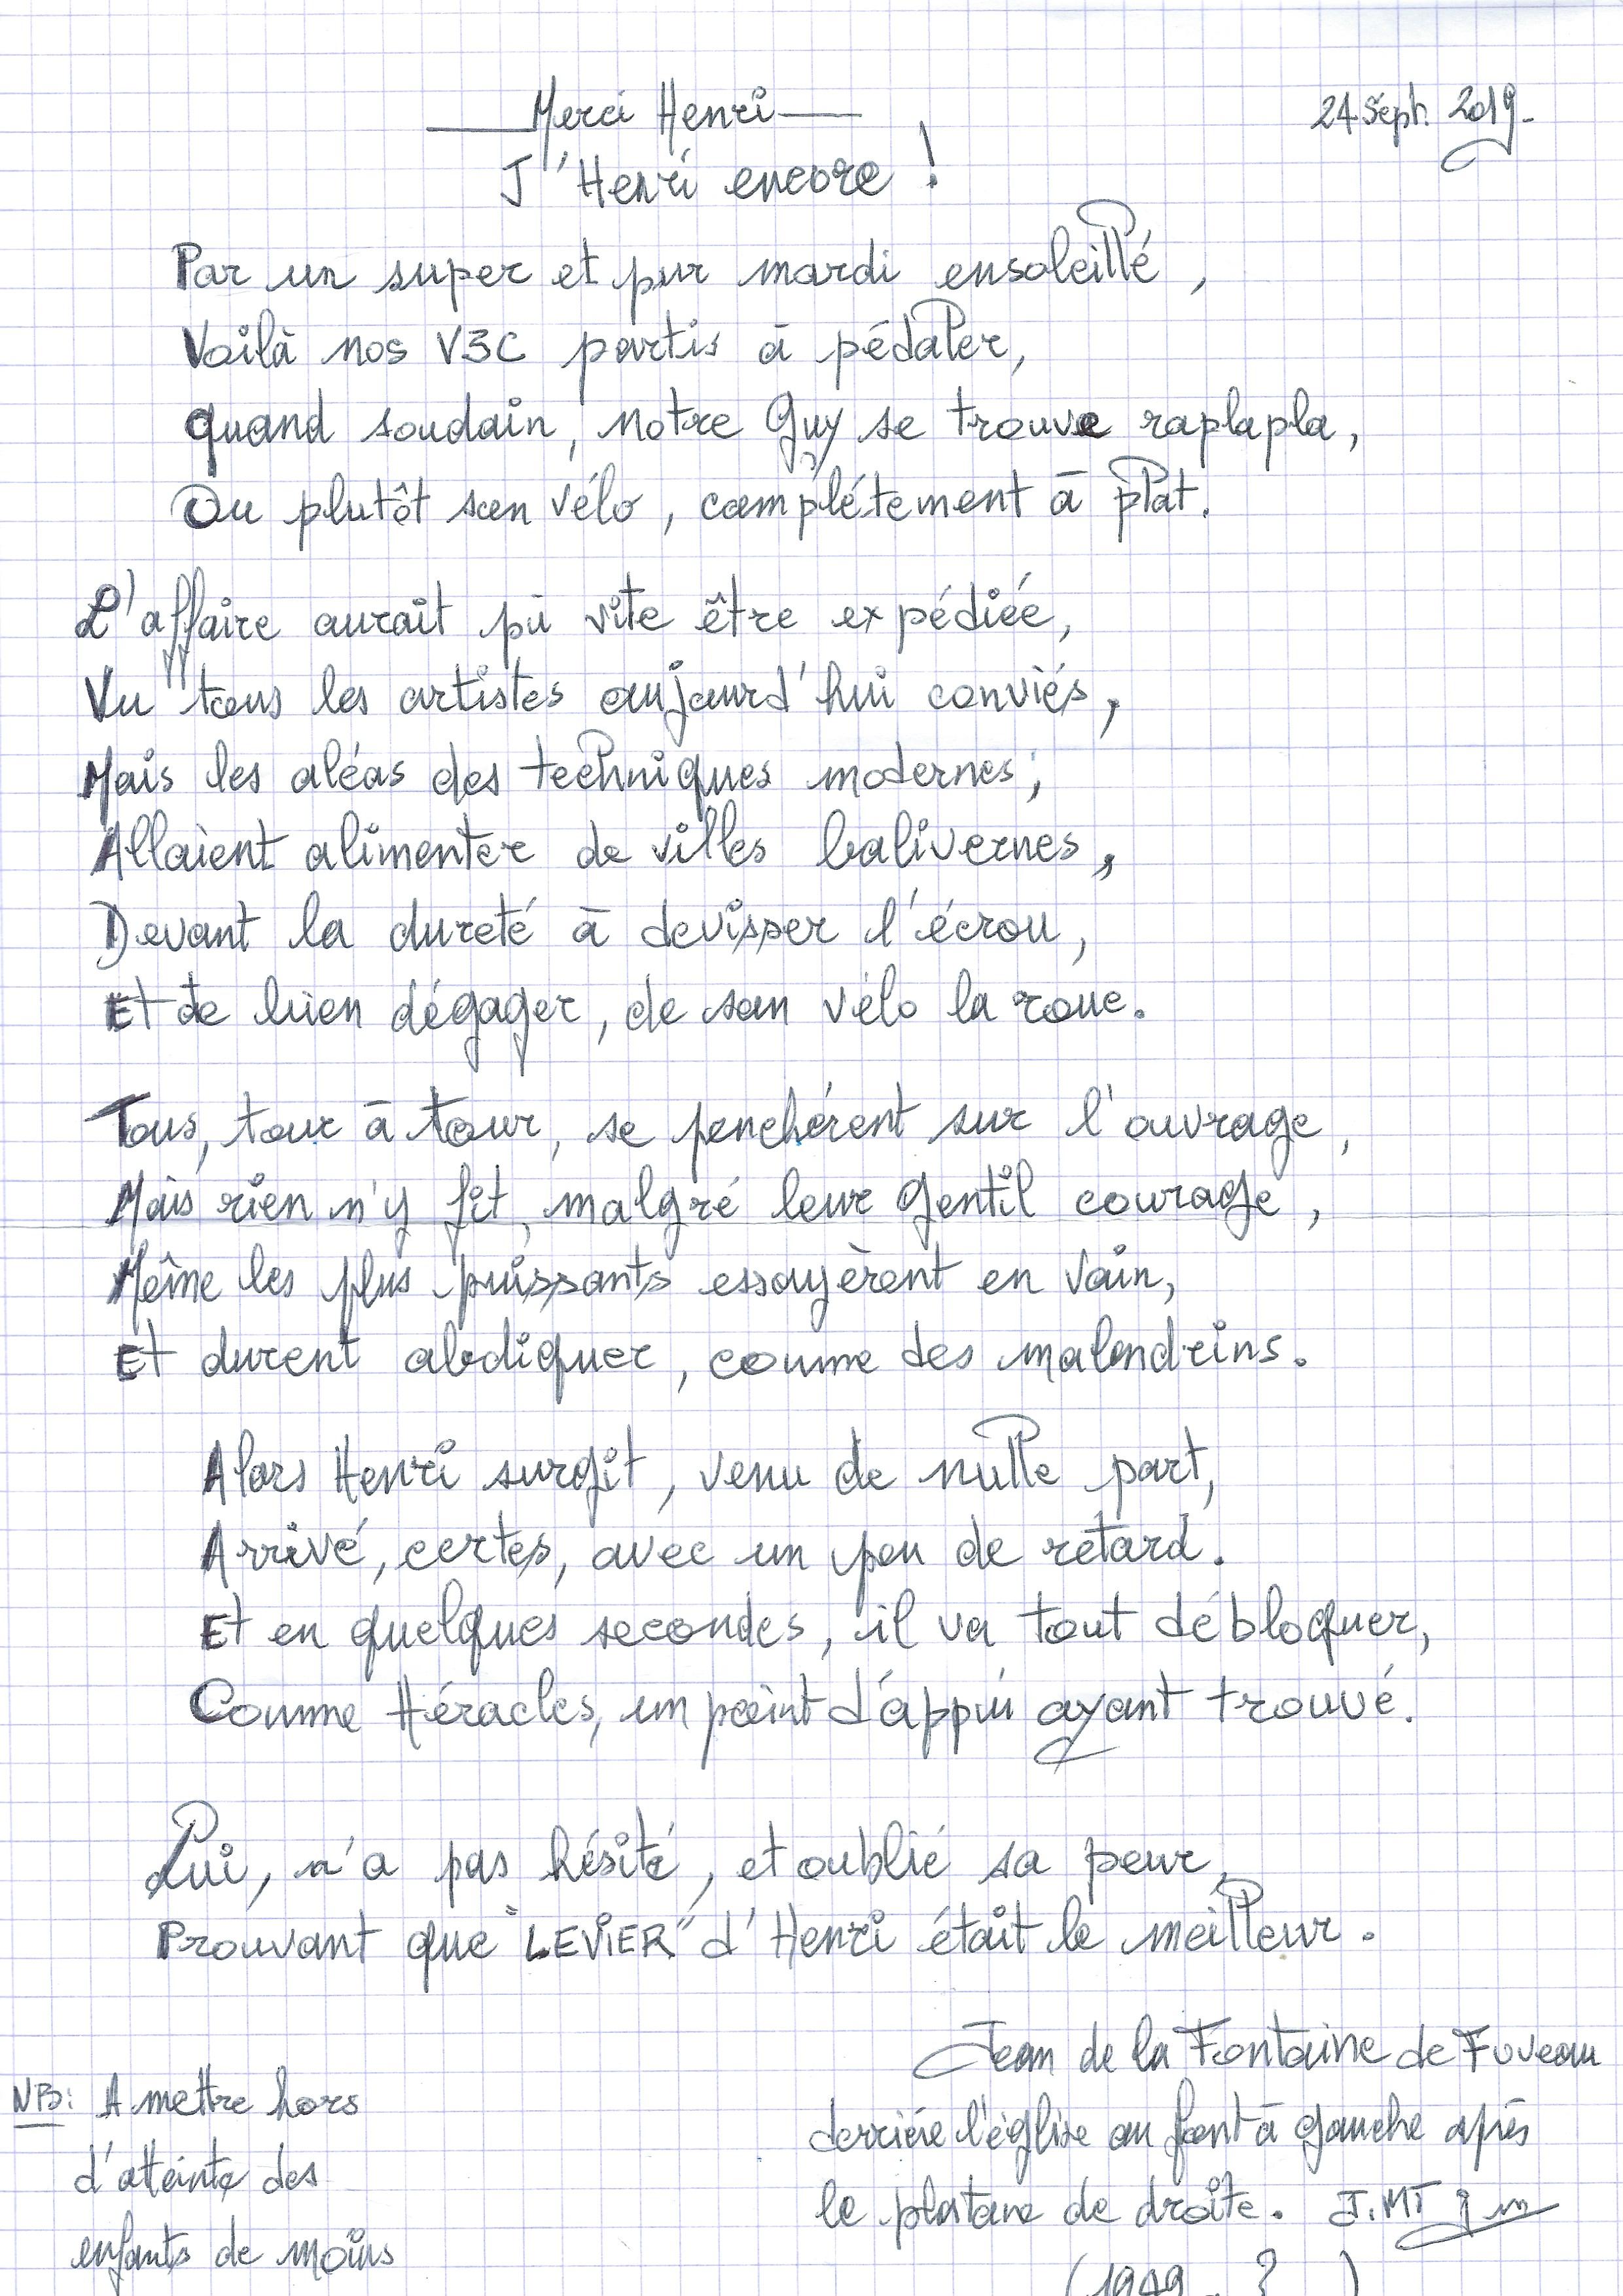 Poème Jean 2019 09 24 Henri